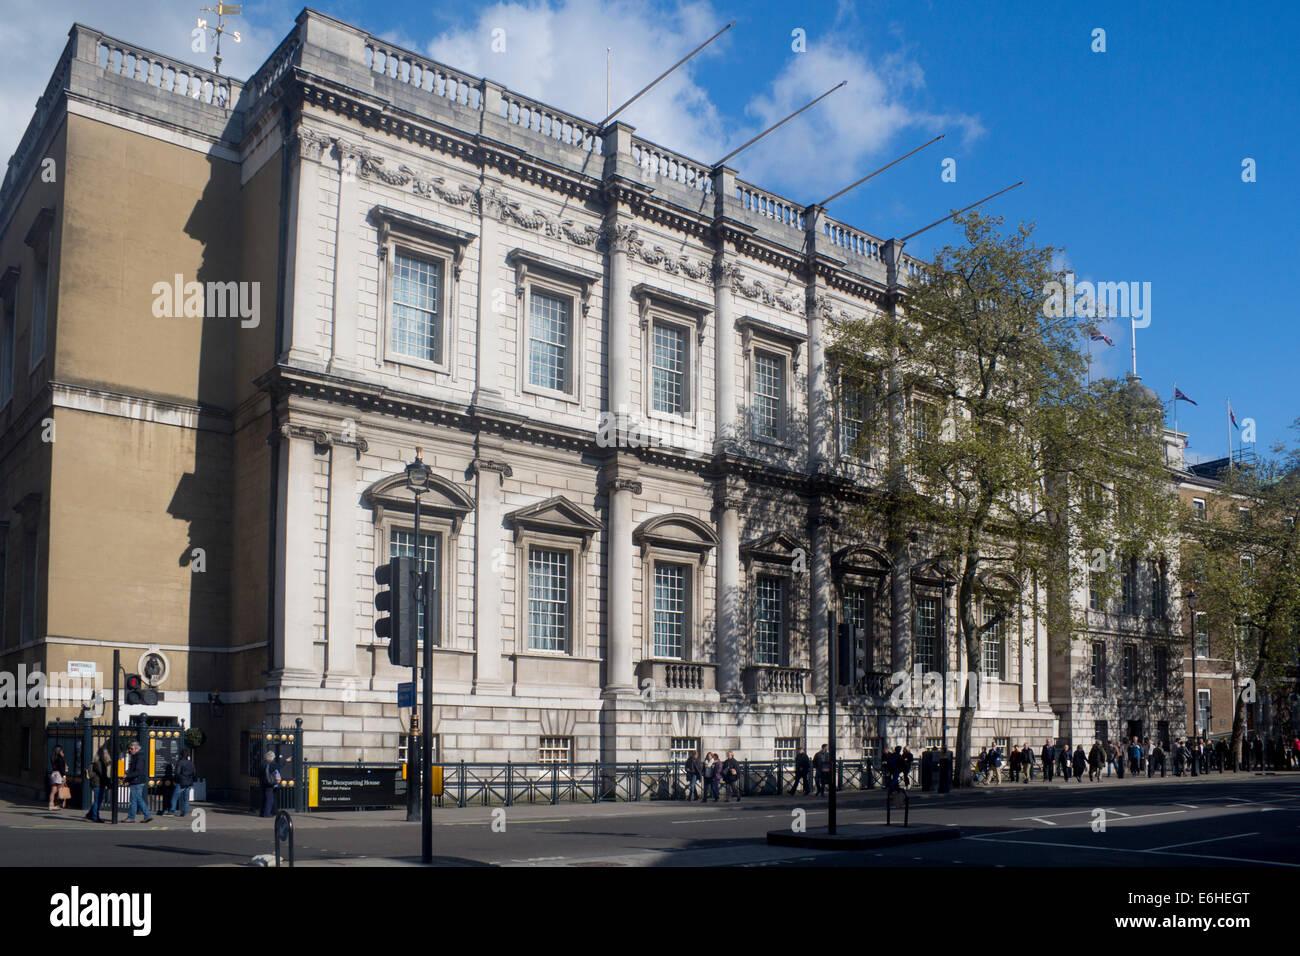 die bankettr ume haus whitehall palace entworfen und. Black Bedroom Furniture Sets. Home Design Ideas